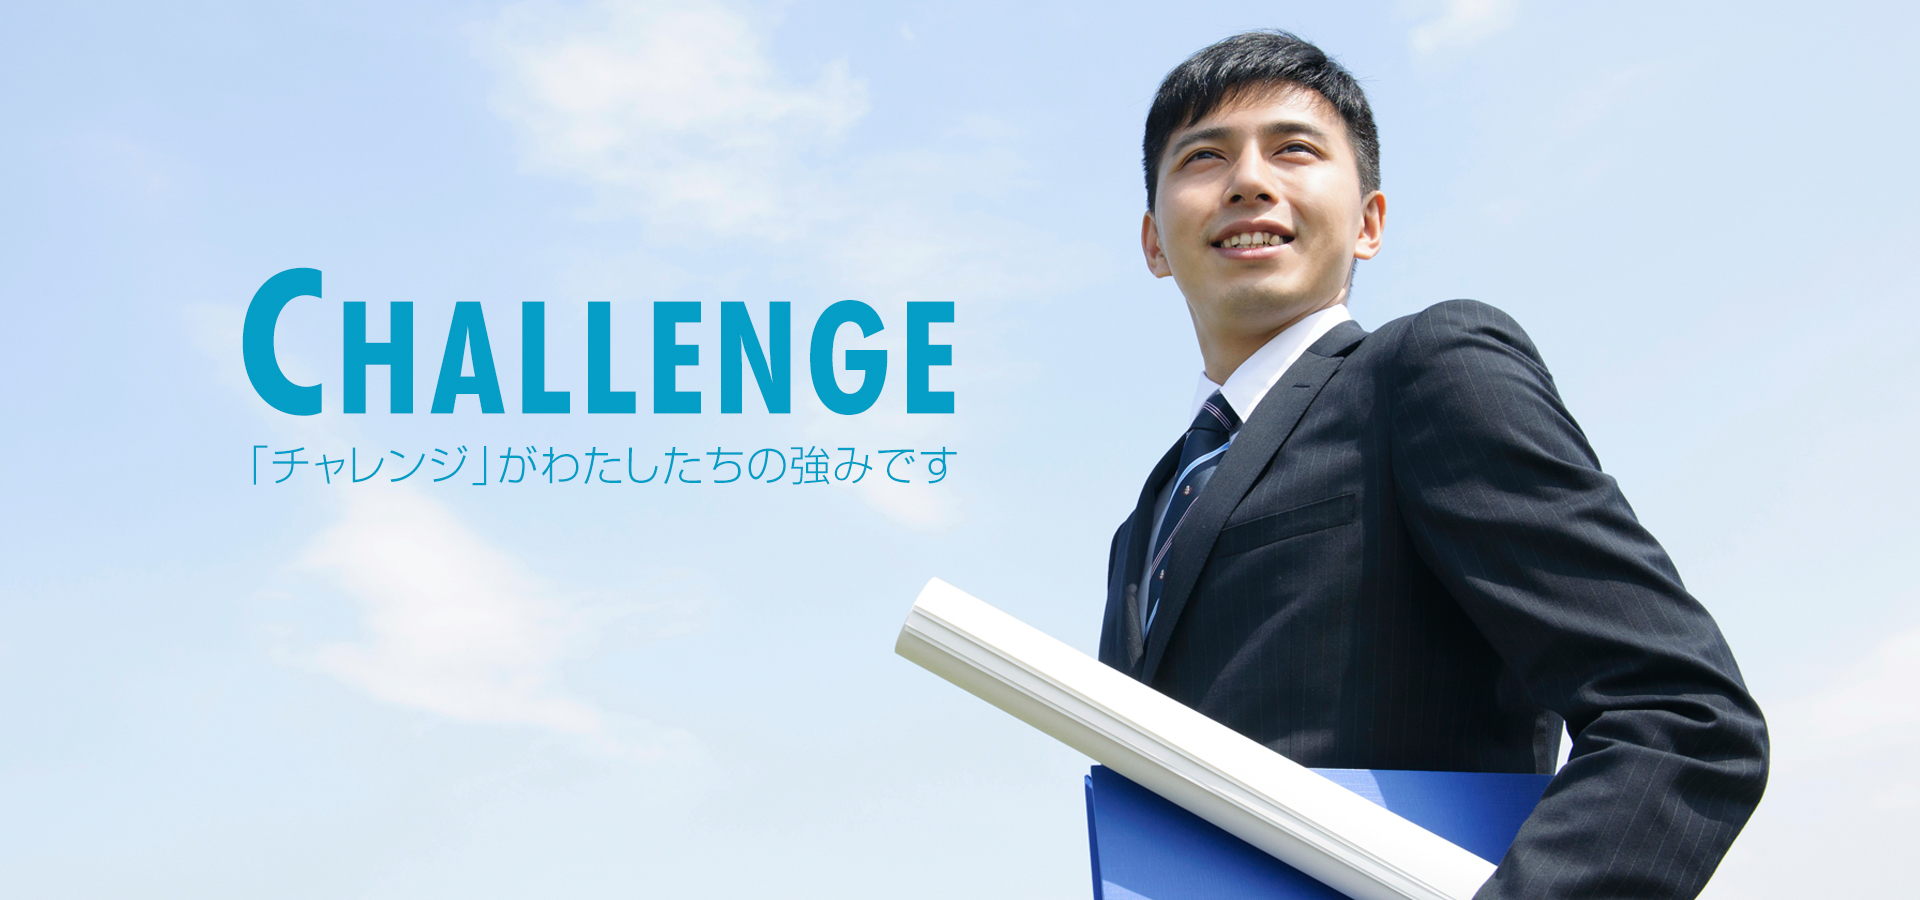 CHALLENGE 「チャレンジ」がわたしたちの強みです